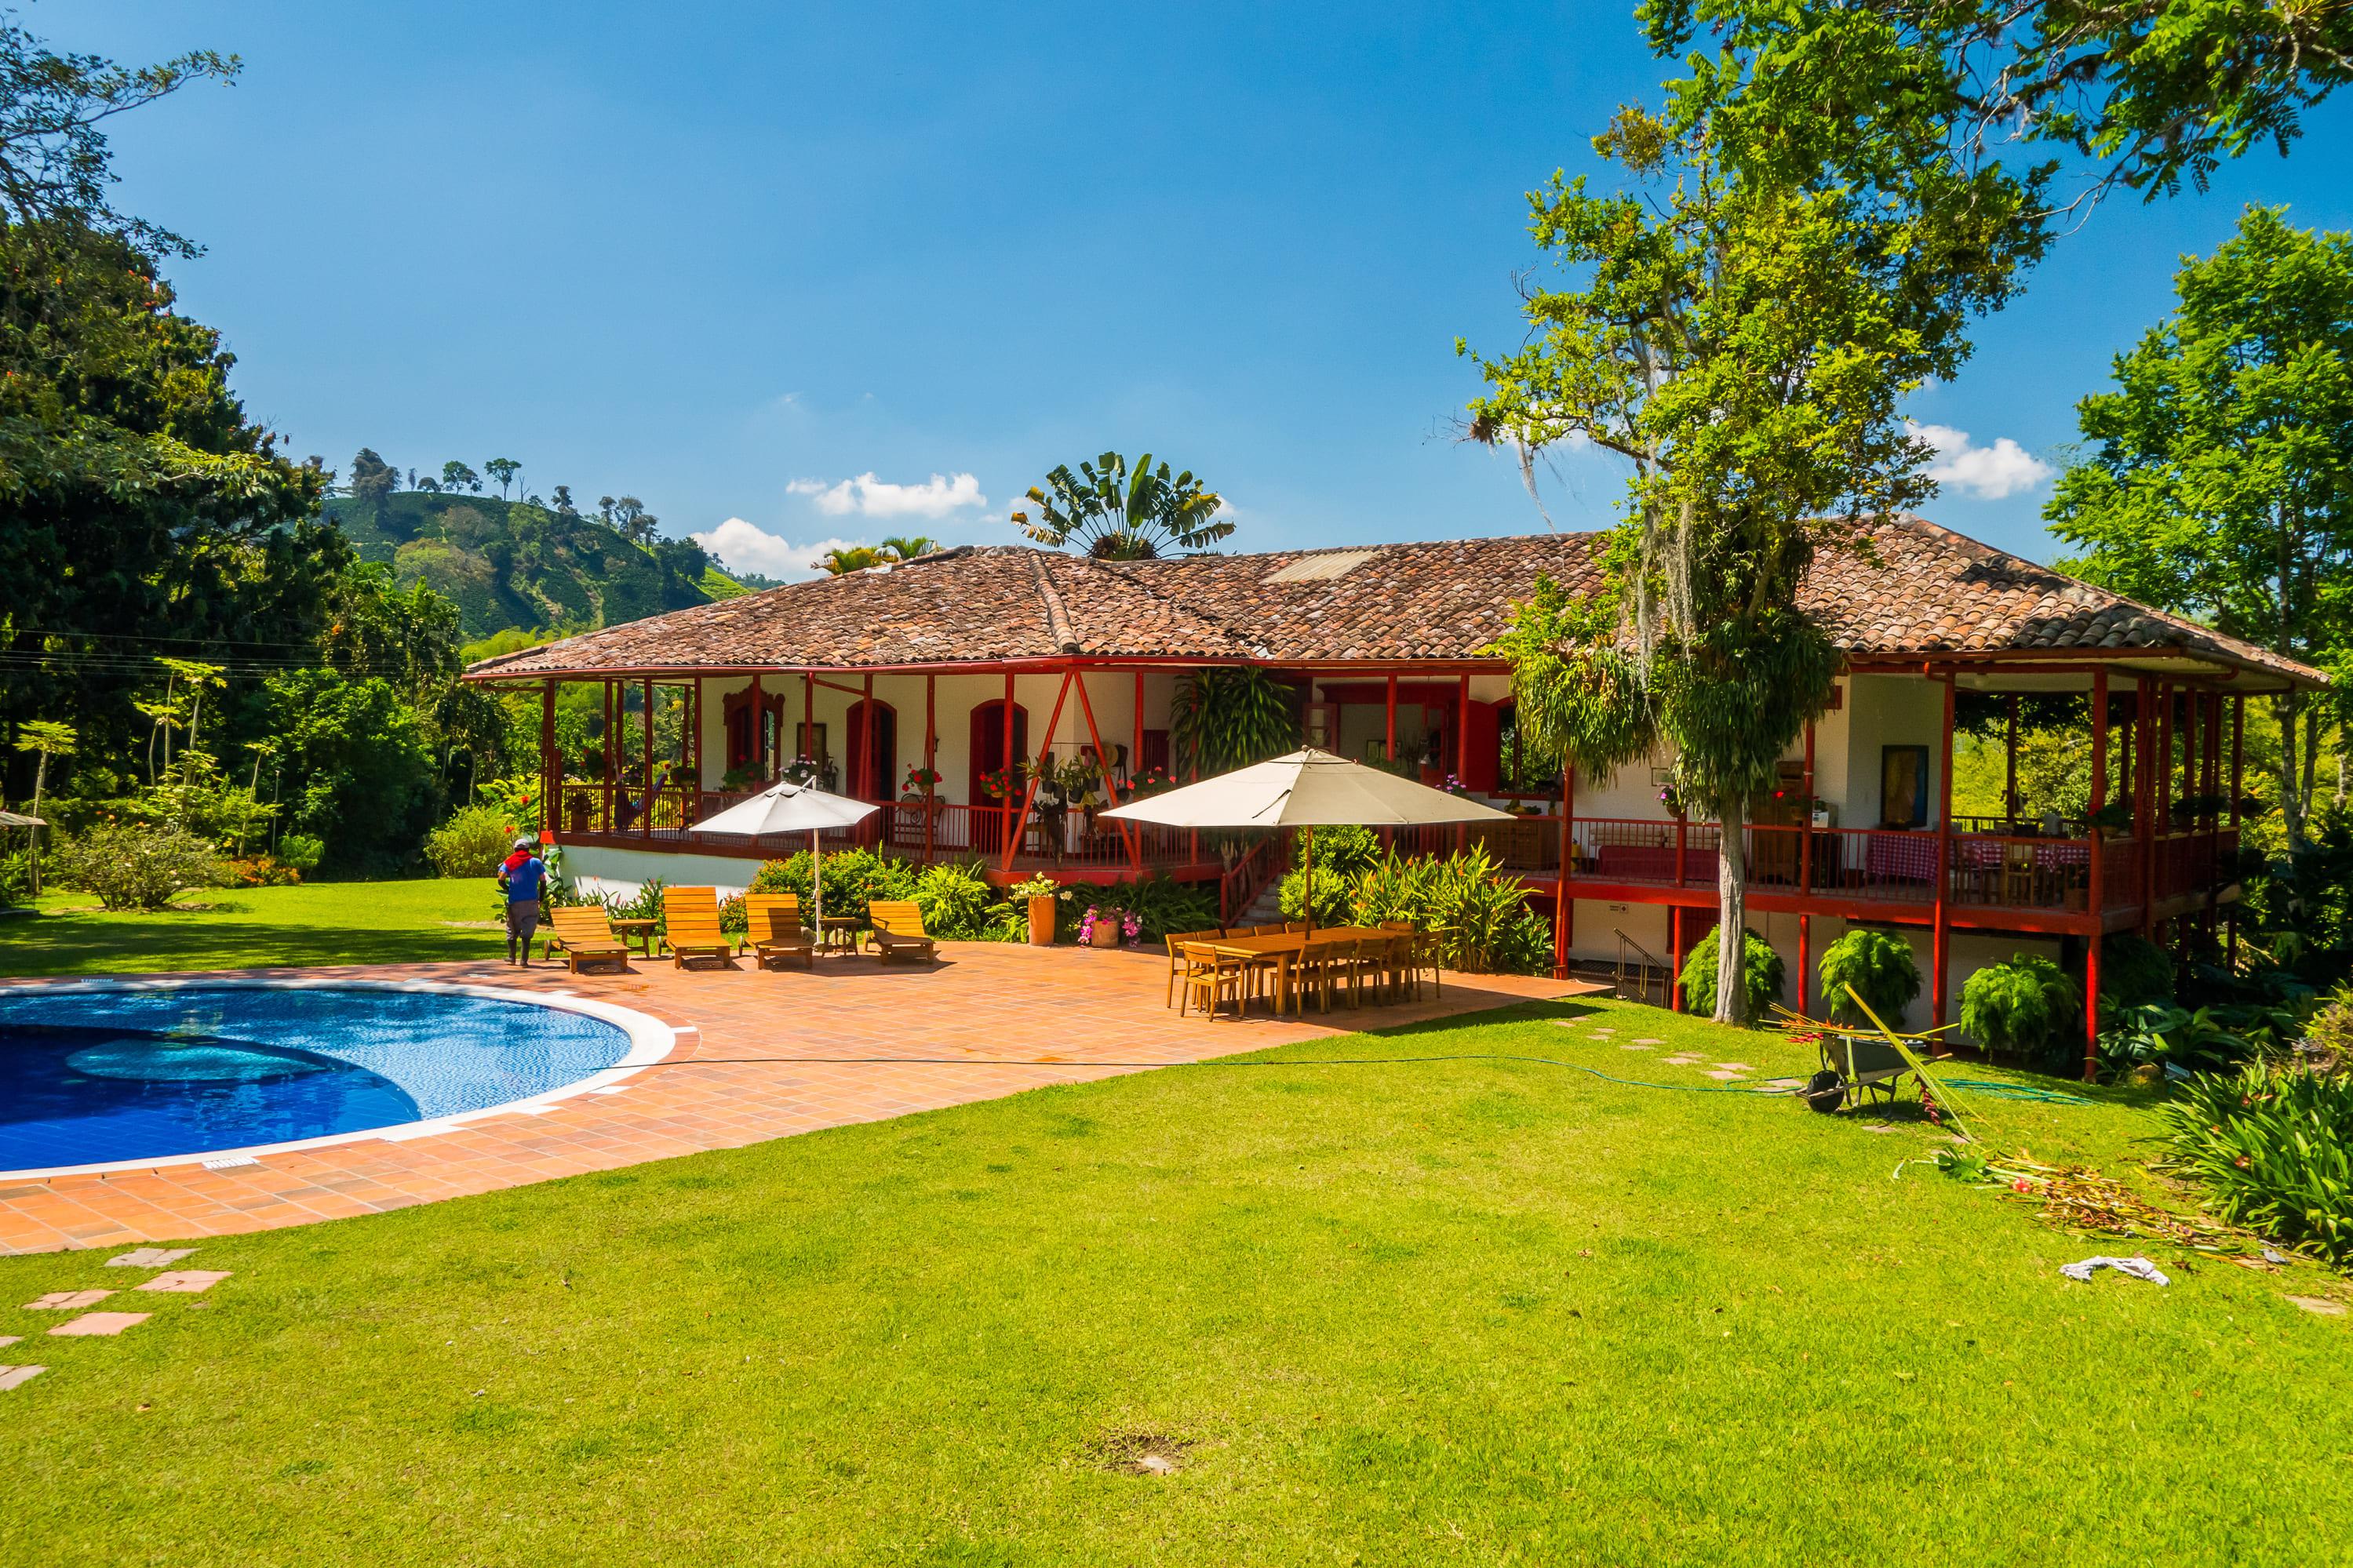 Imagem que mostra uma casa e uma piscina bem estruturada para inspirar quem quer abrir um Hotel Fazenda